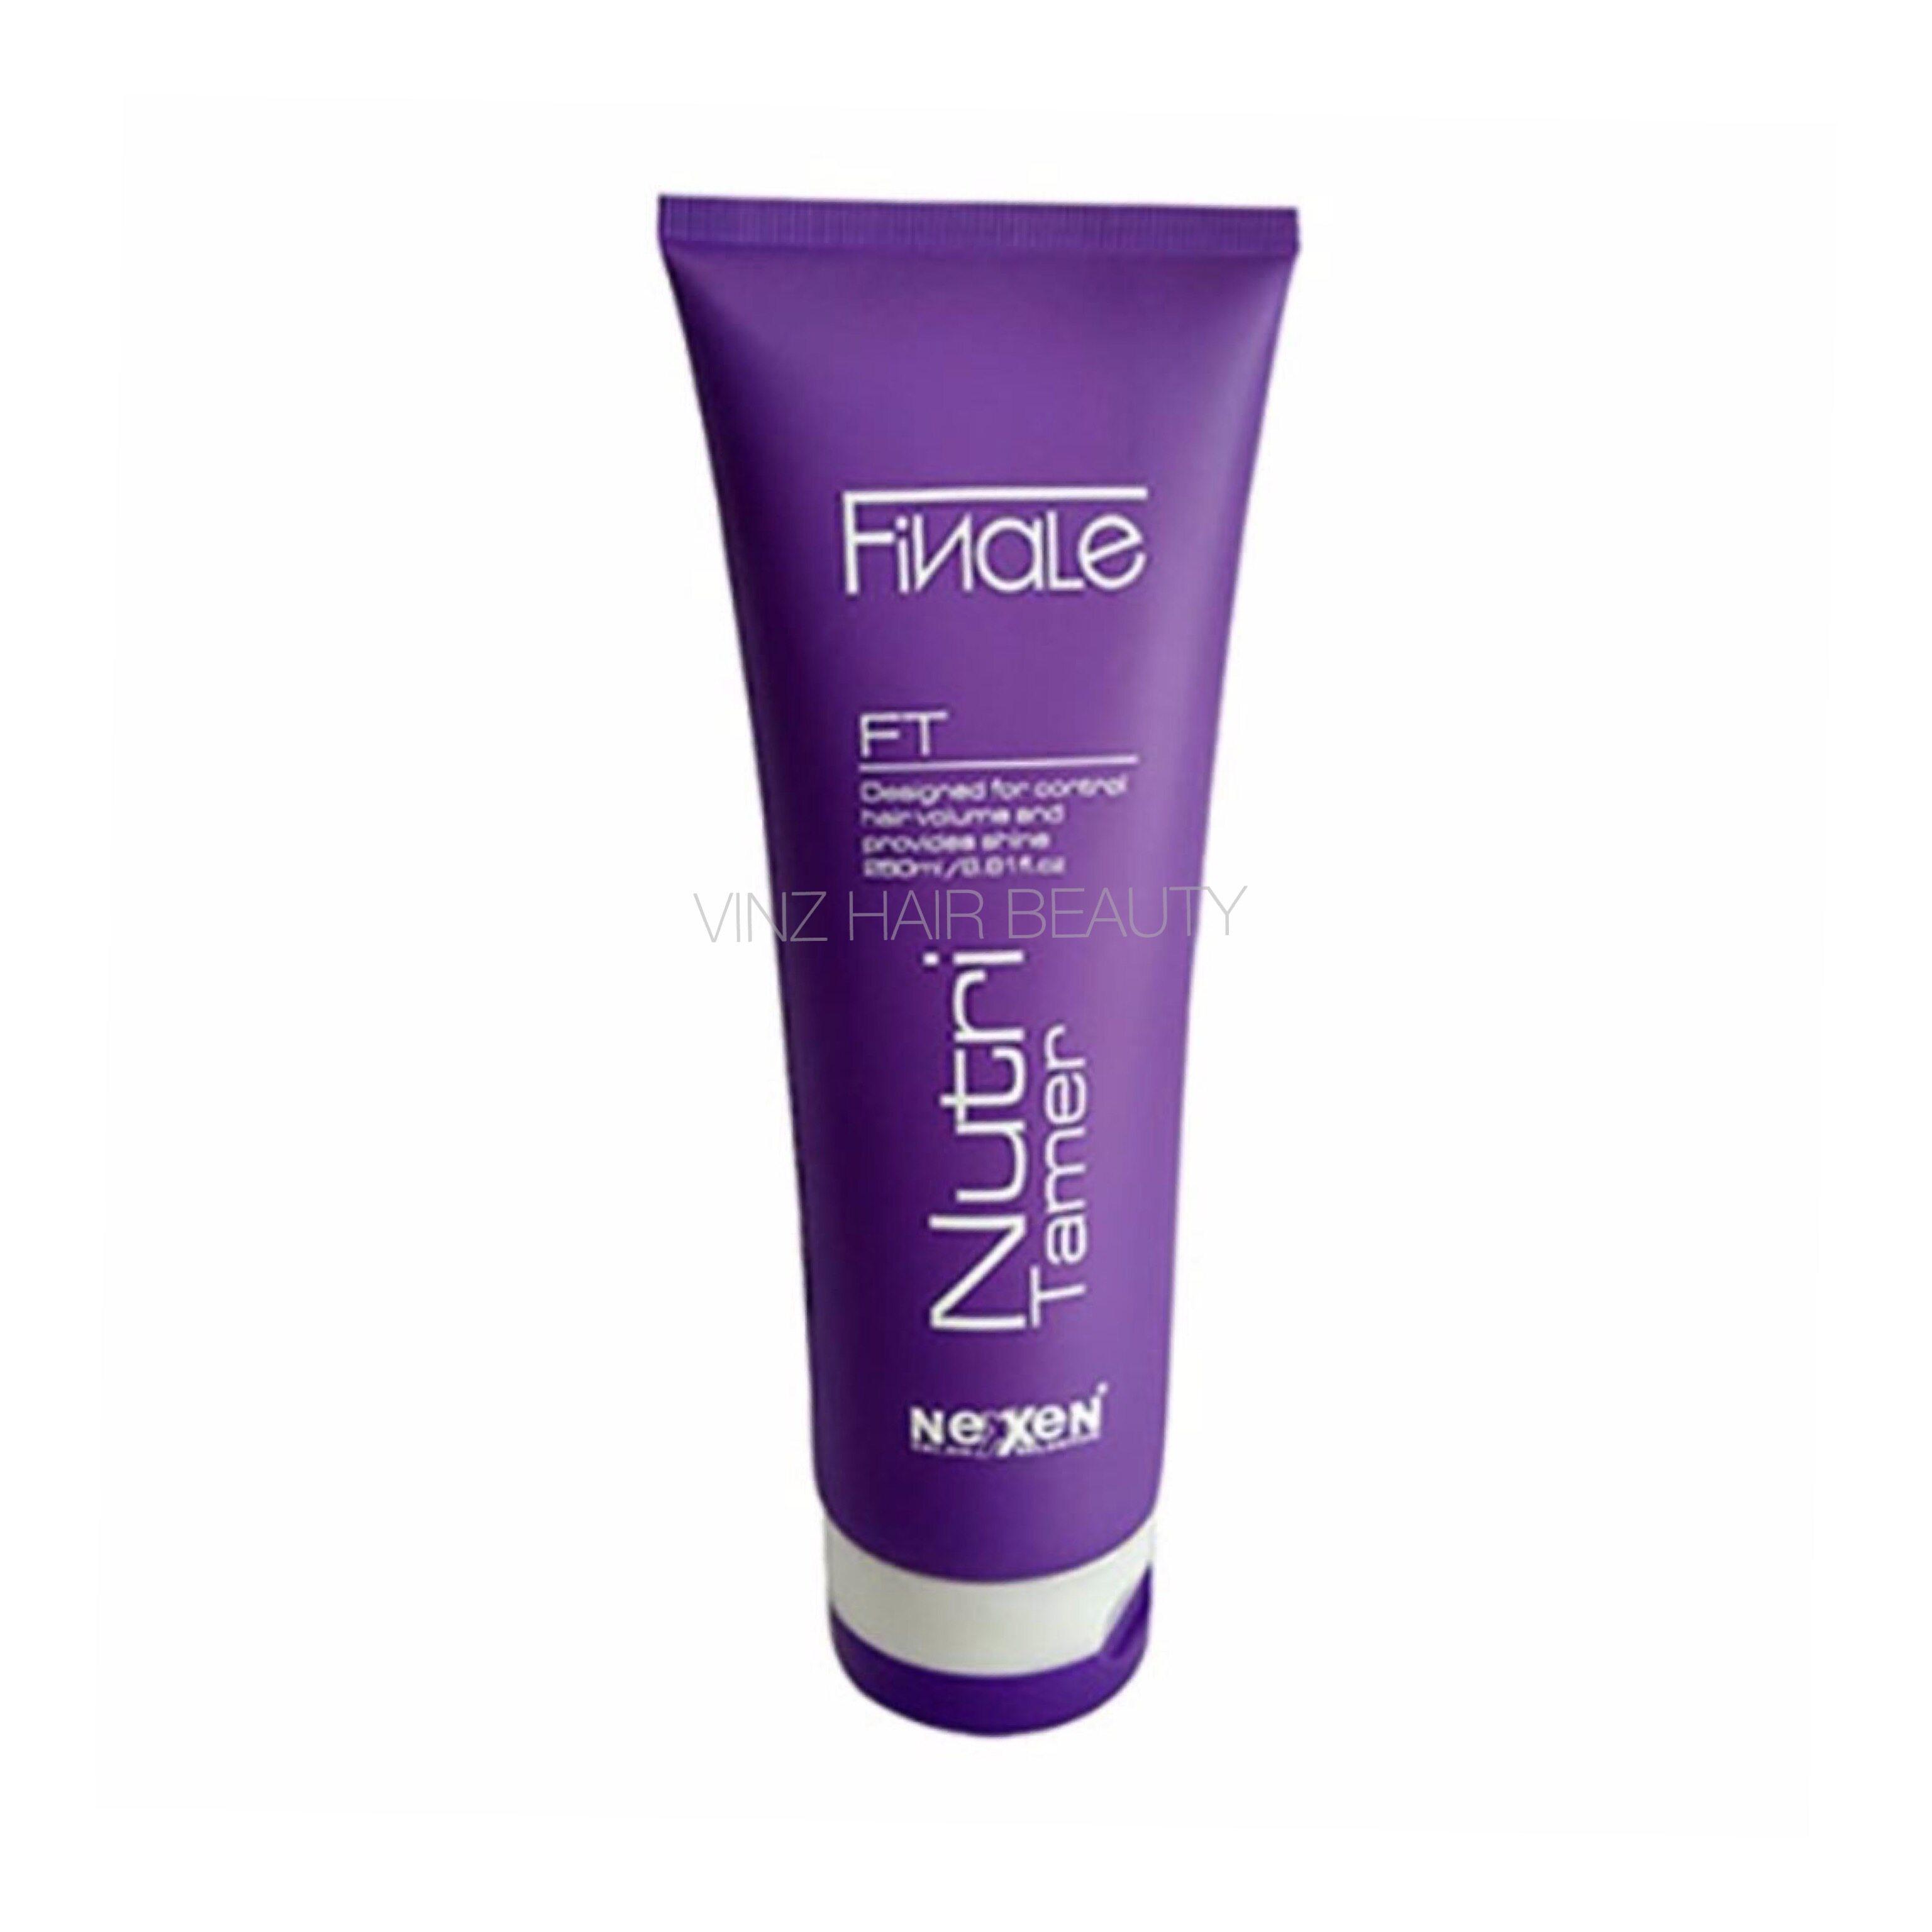 Nexxen Finale FT Nutri Tamer Straightening Cream 250ml